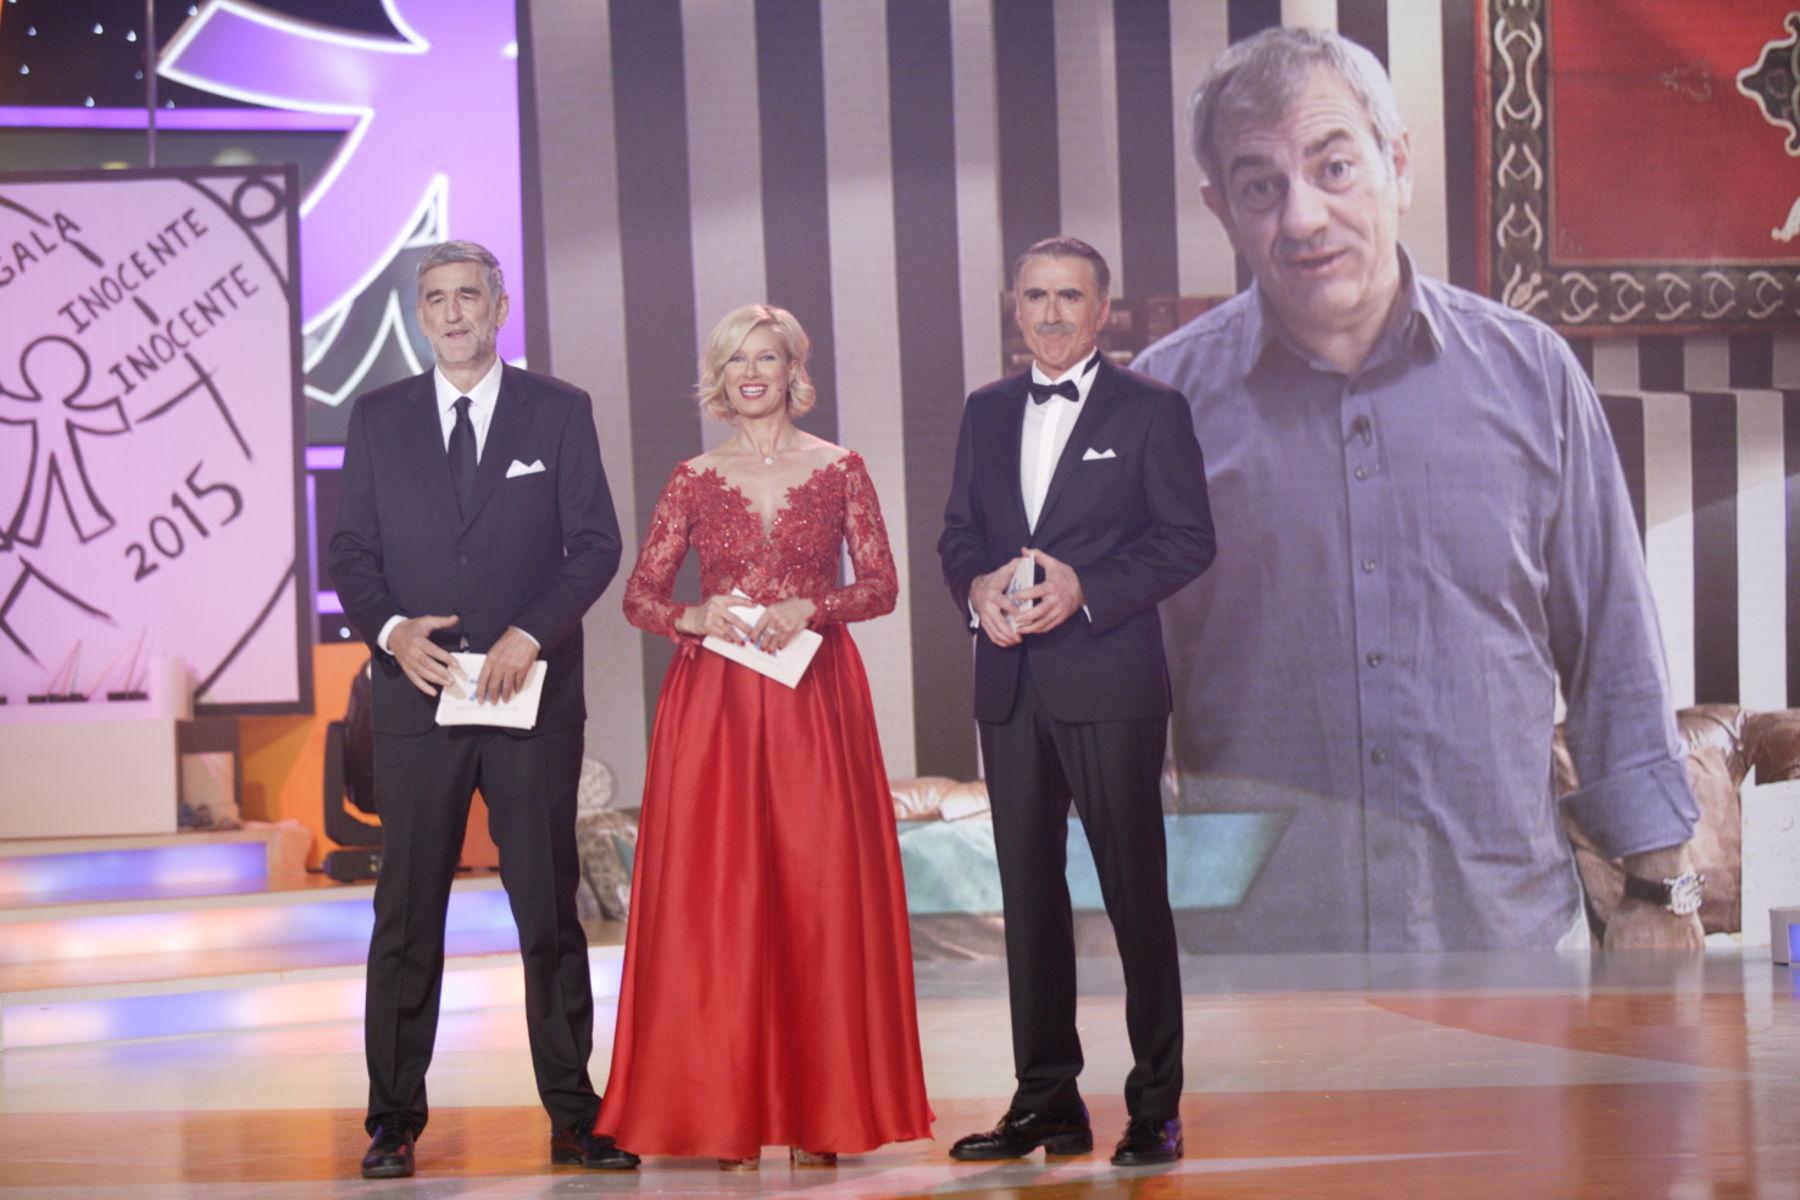 La Gala Inocente 2015 recauda 1.150.000 euros para ayudar a los niños con Parálisis Cerebral y Síndrome de Down